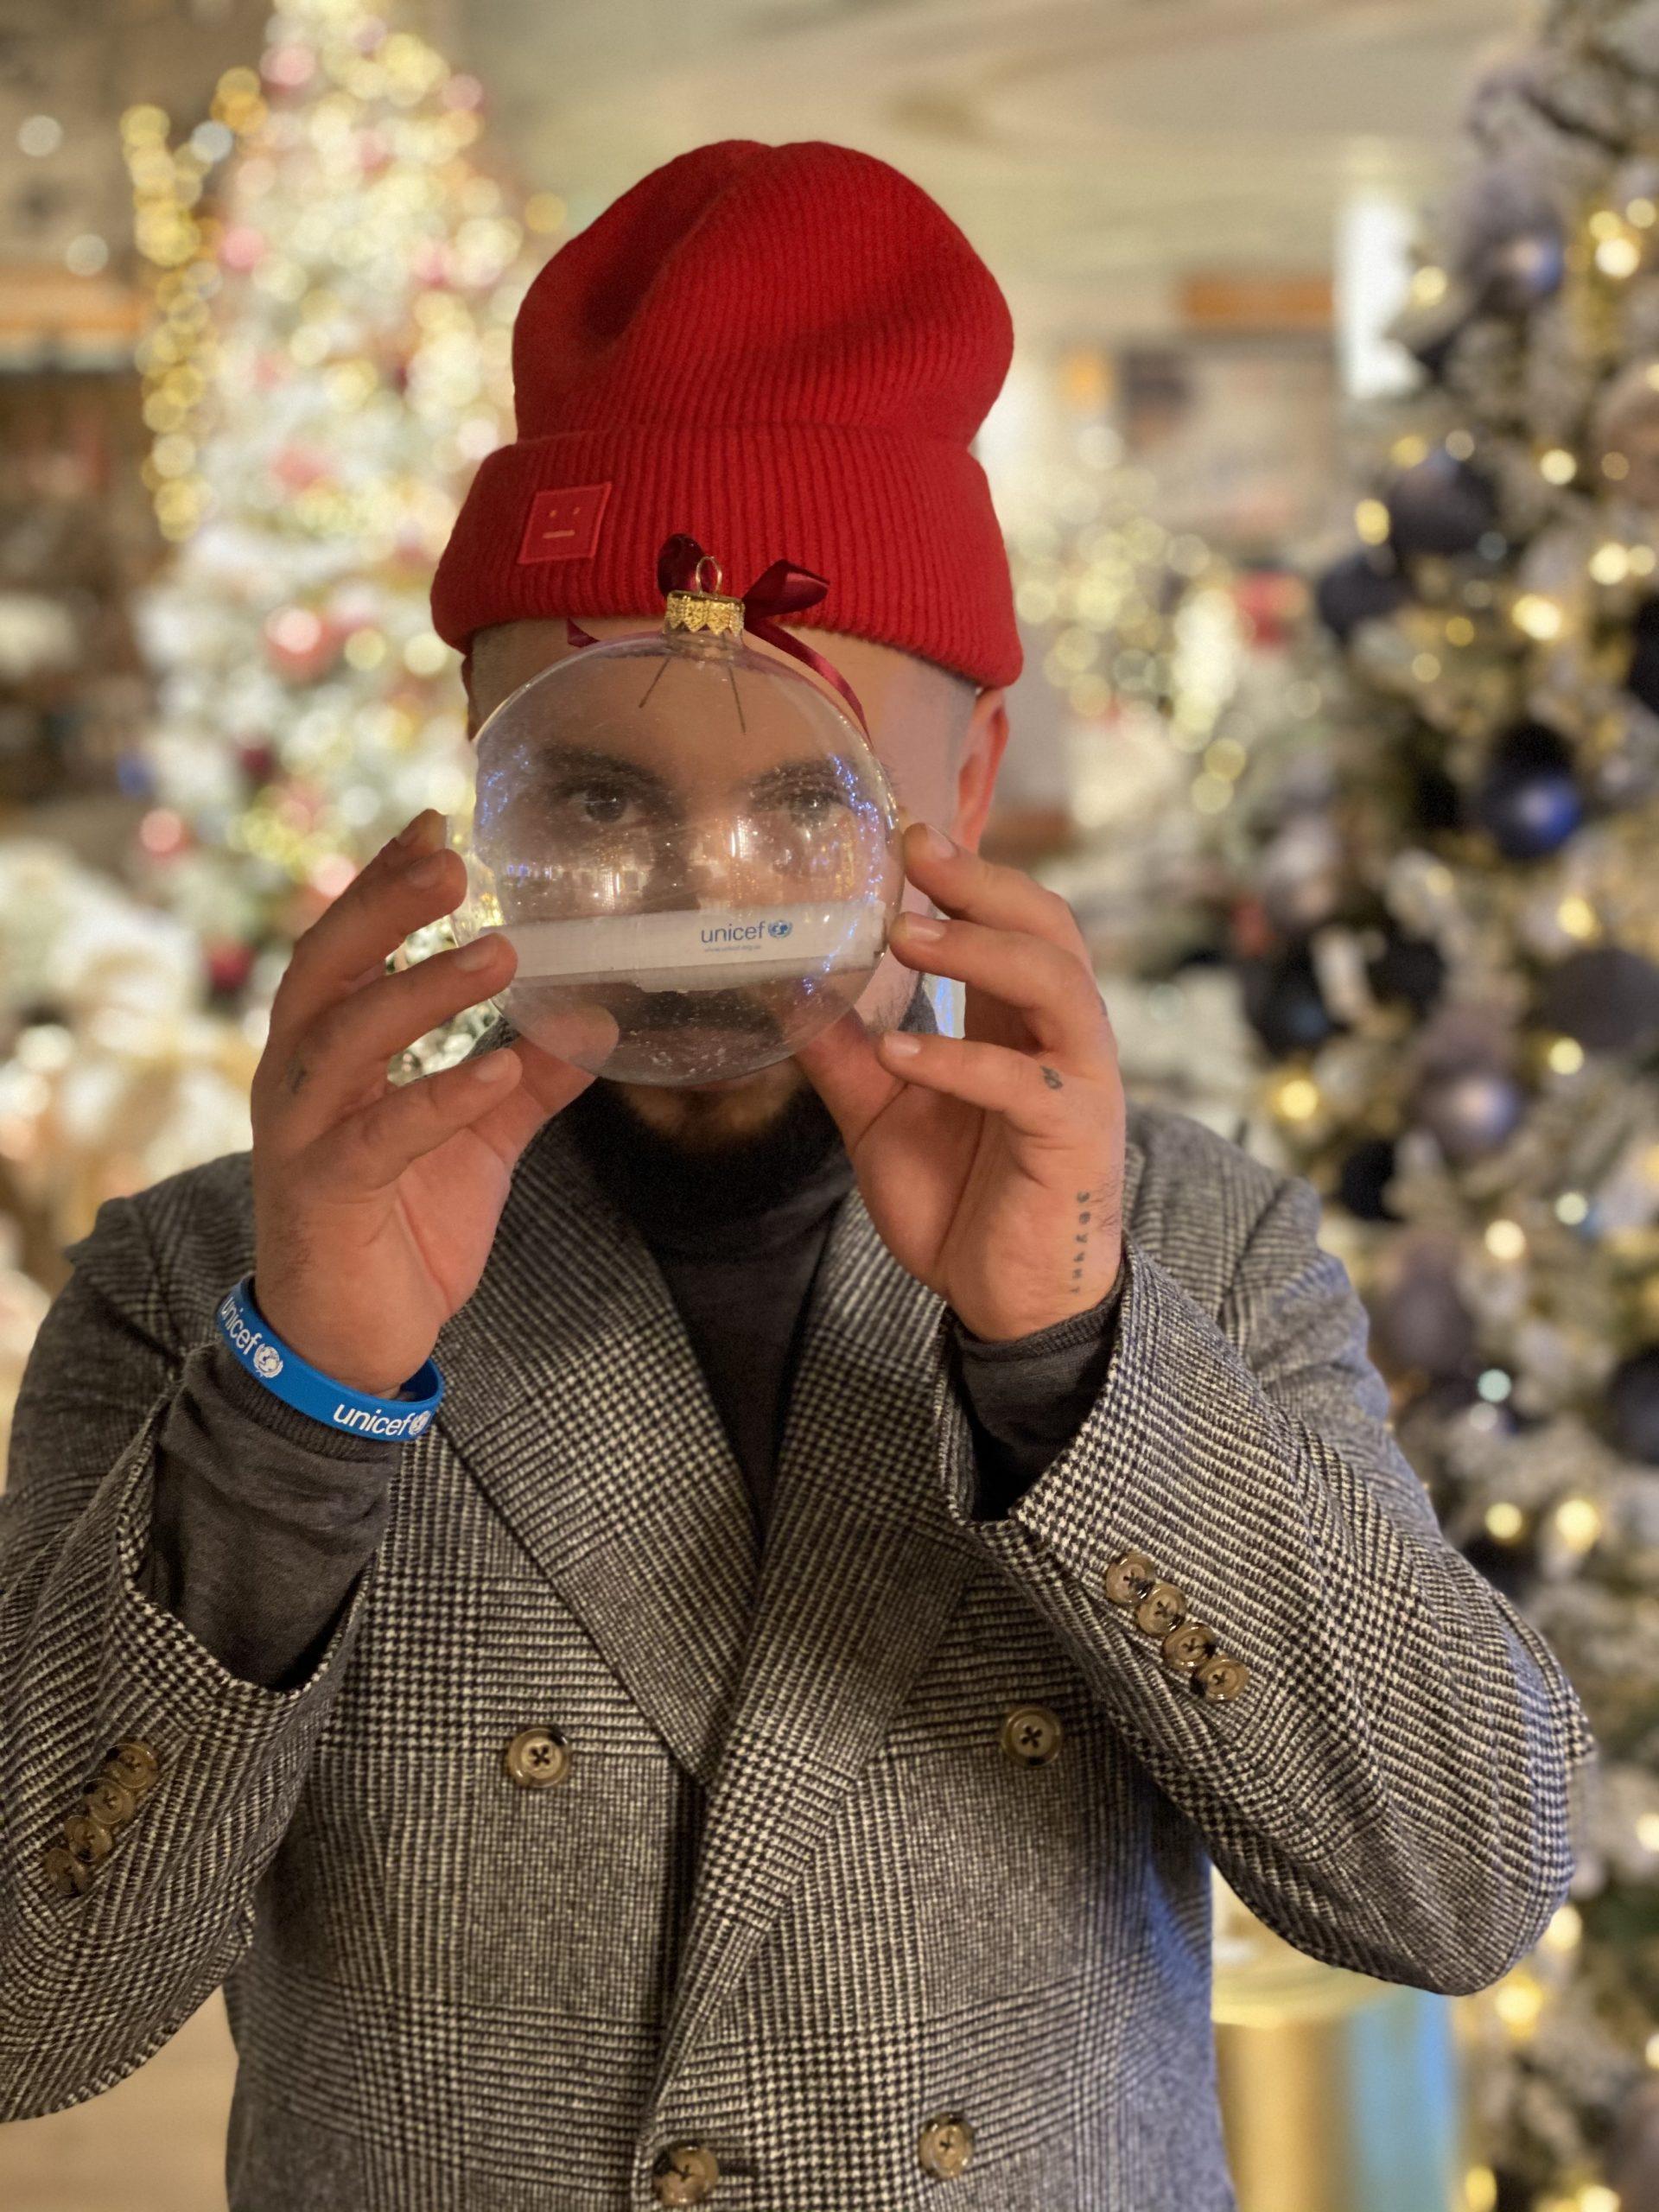 «Мечтать не вредно»: Monatik вместе с ЮНИСЕФ объявил социальную новогоднюю акцию